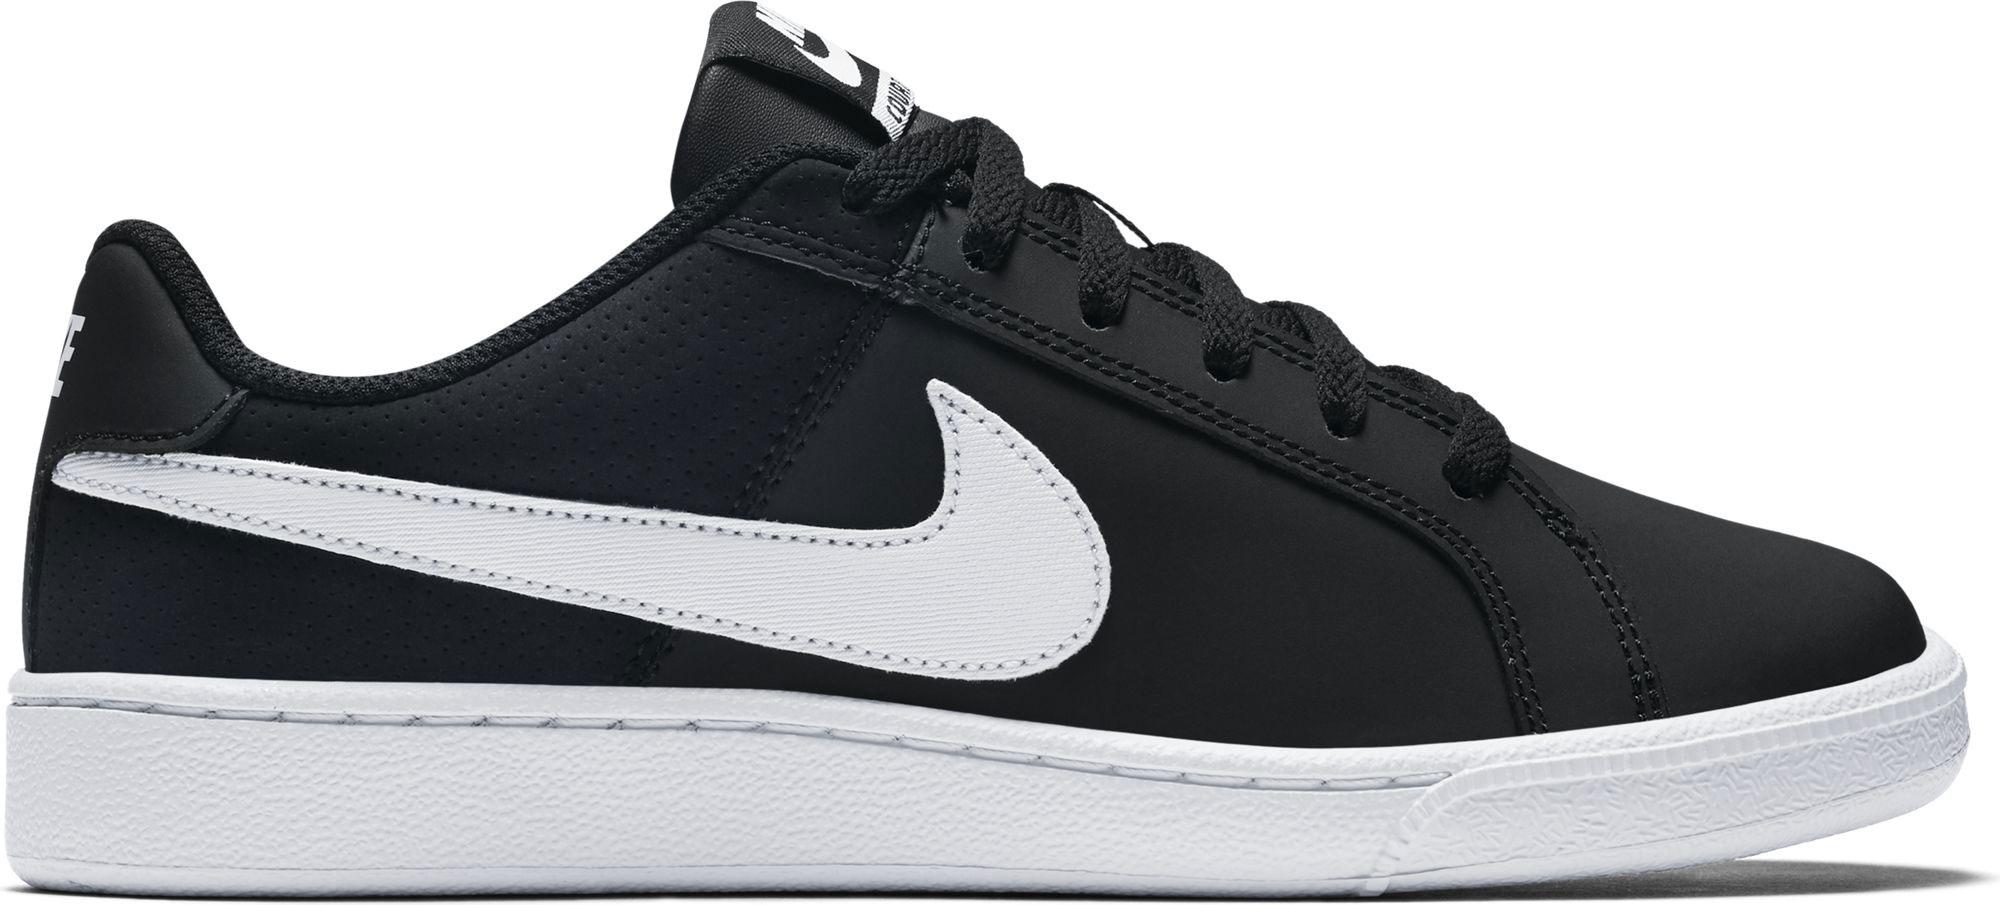 9a3030f4a956 Nike COURT ROYALE. Dámské volnočasové boty